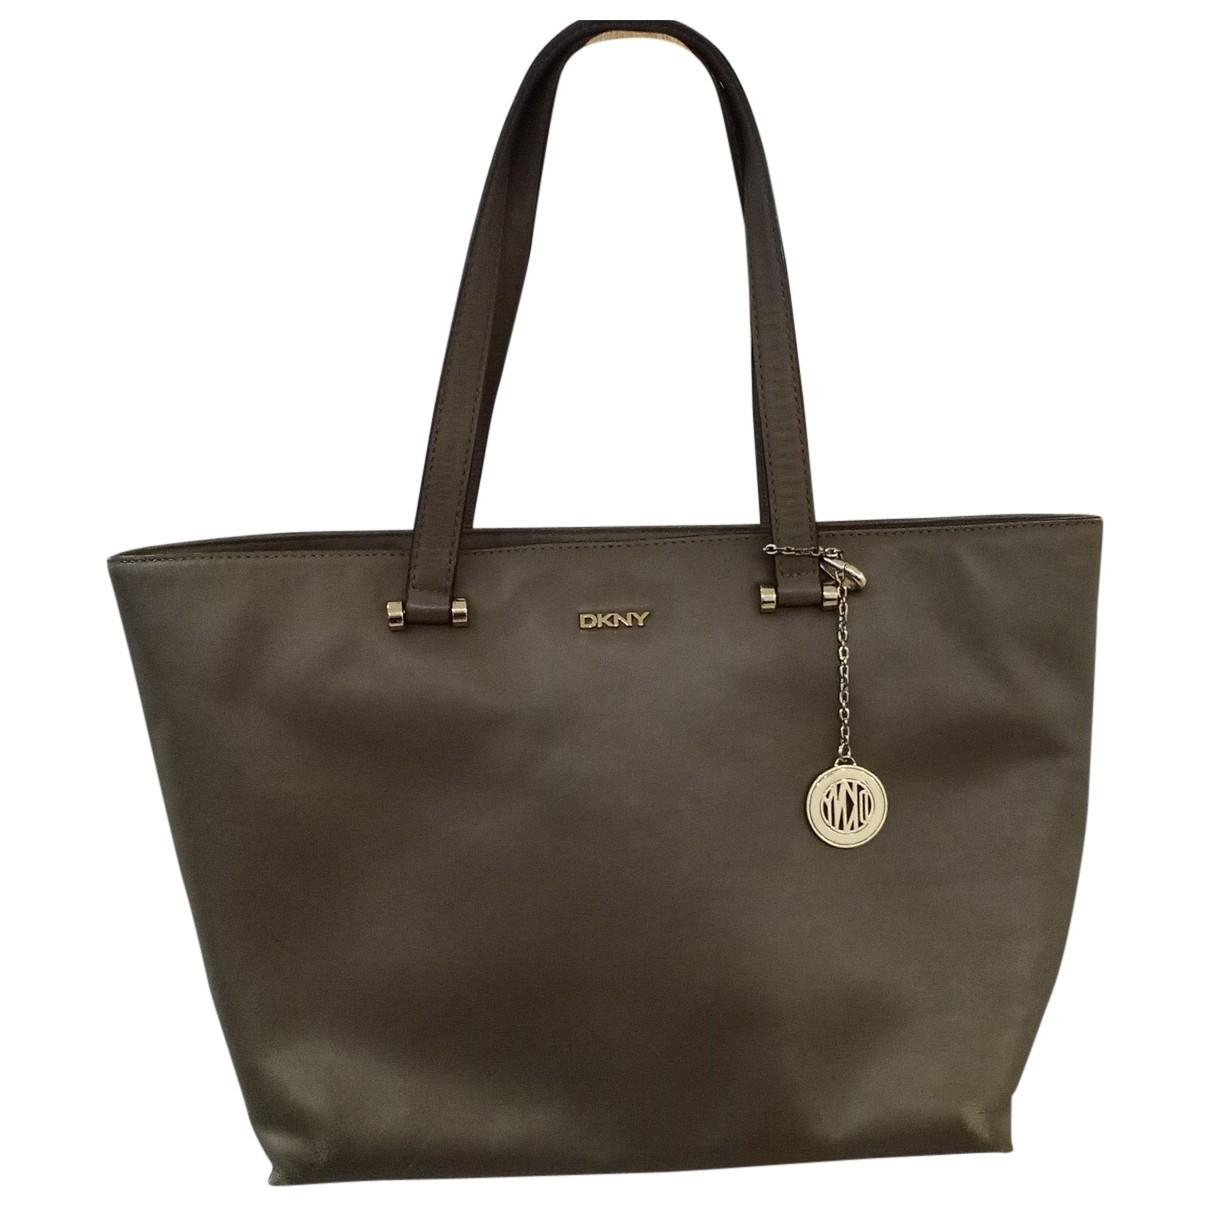 Dkny N Brown Leather handbag for Women N